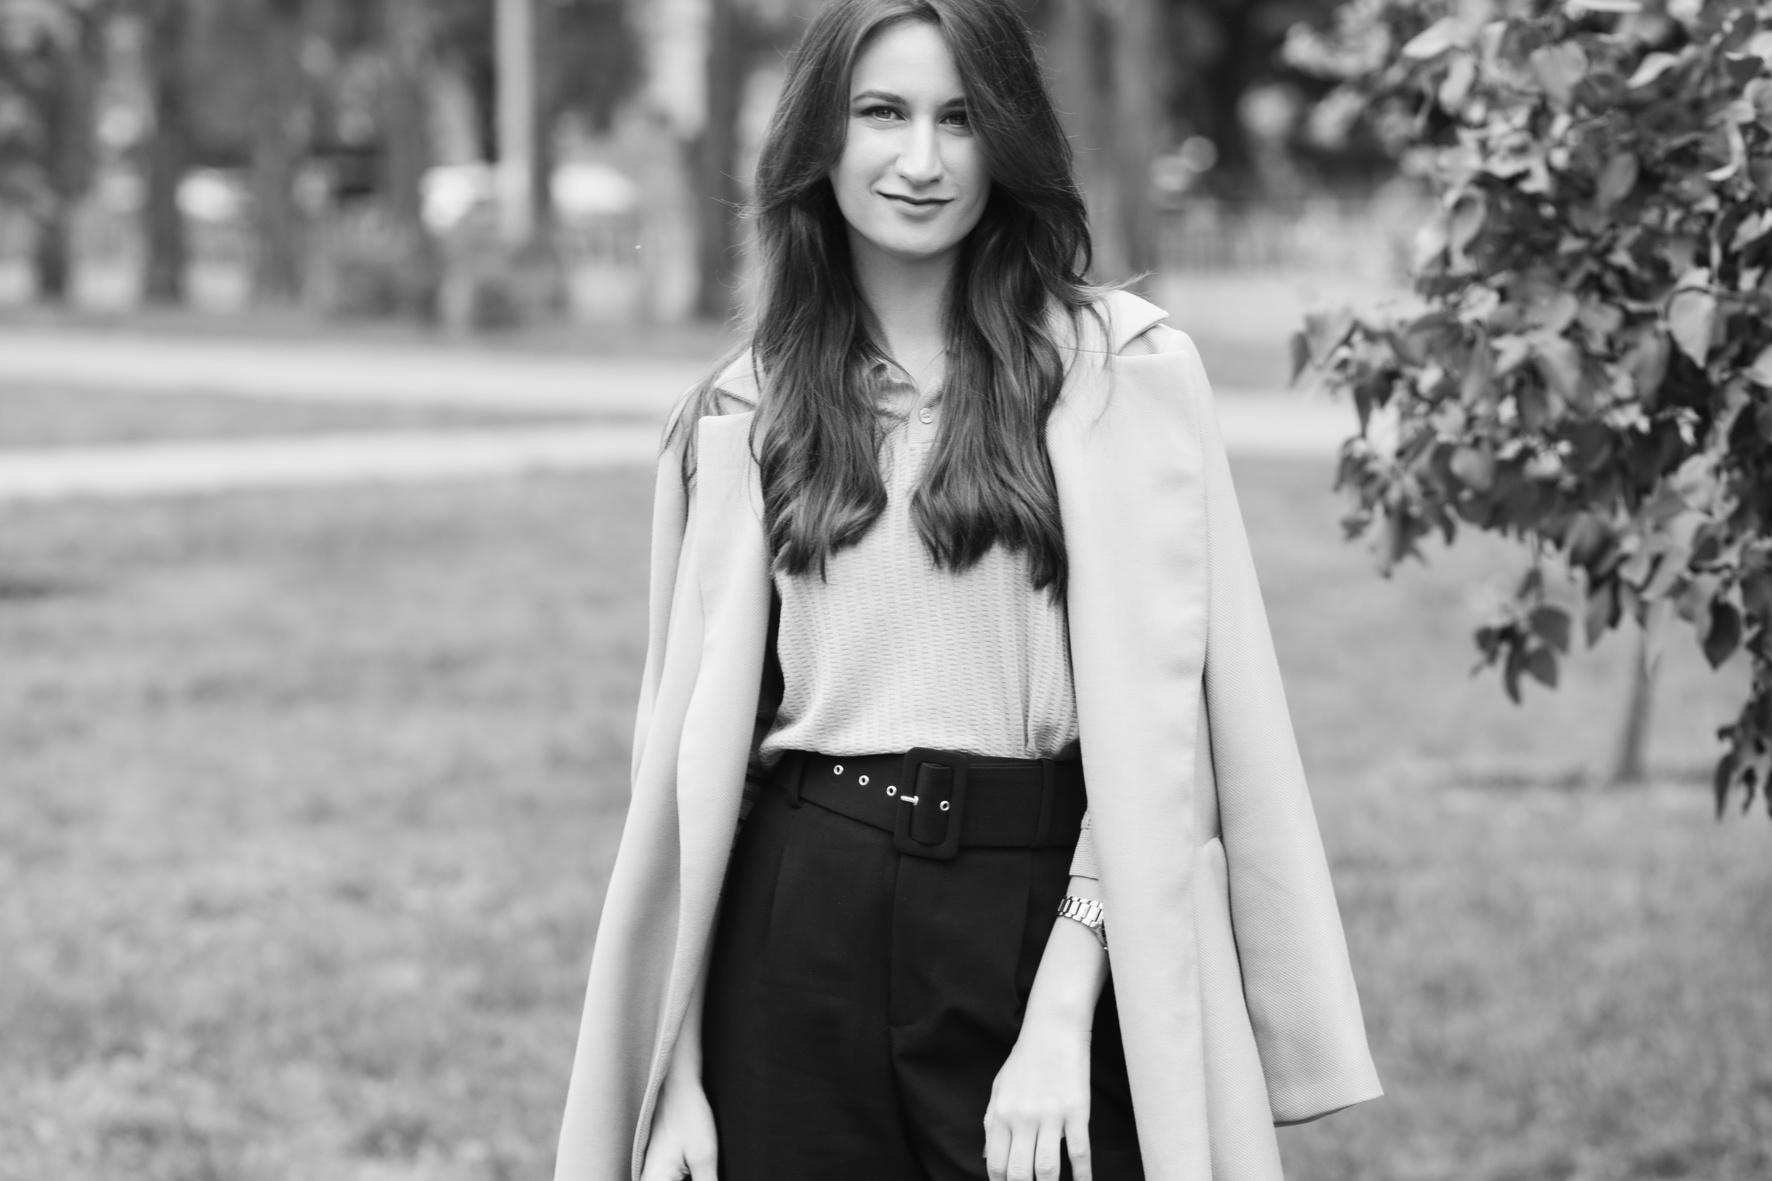 Кристина Маслова, Стереотипы профессии: ТОП-5 вопросов фотографу, которые стыдно задать